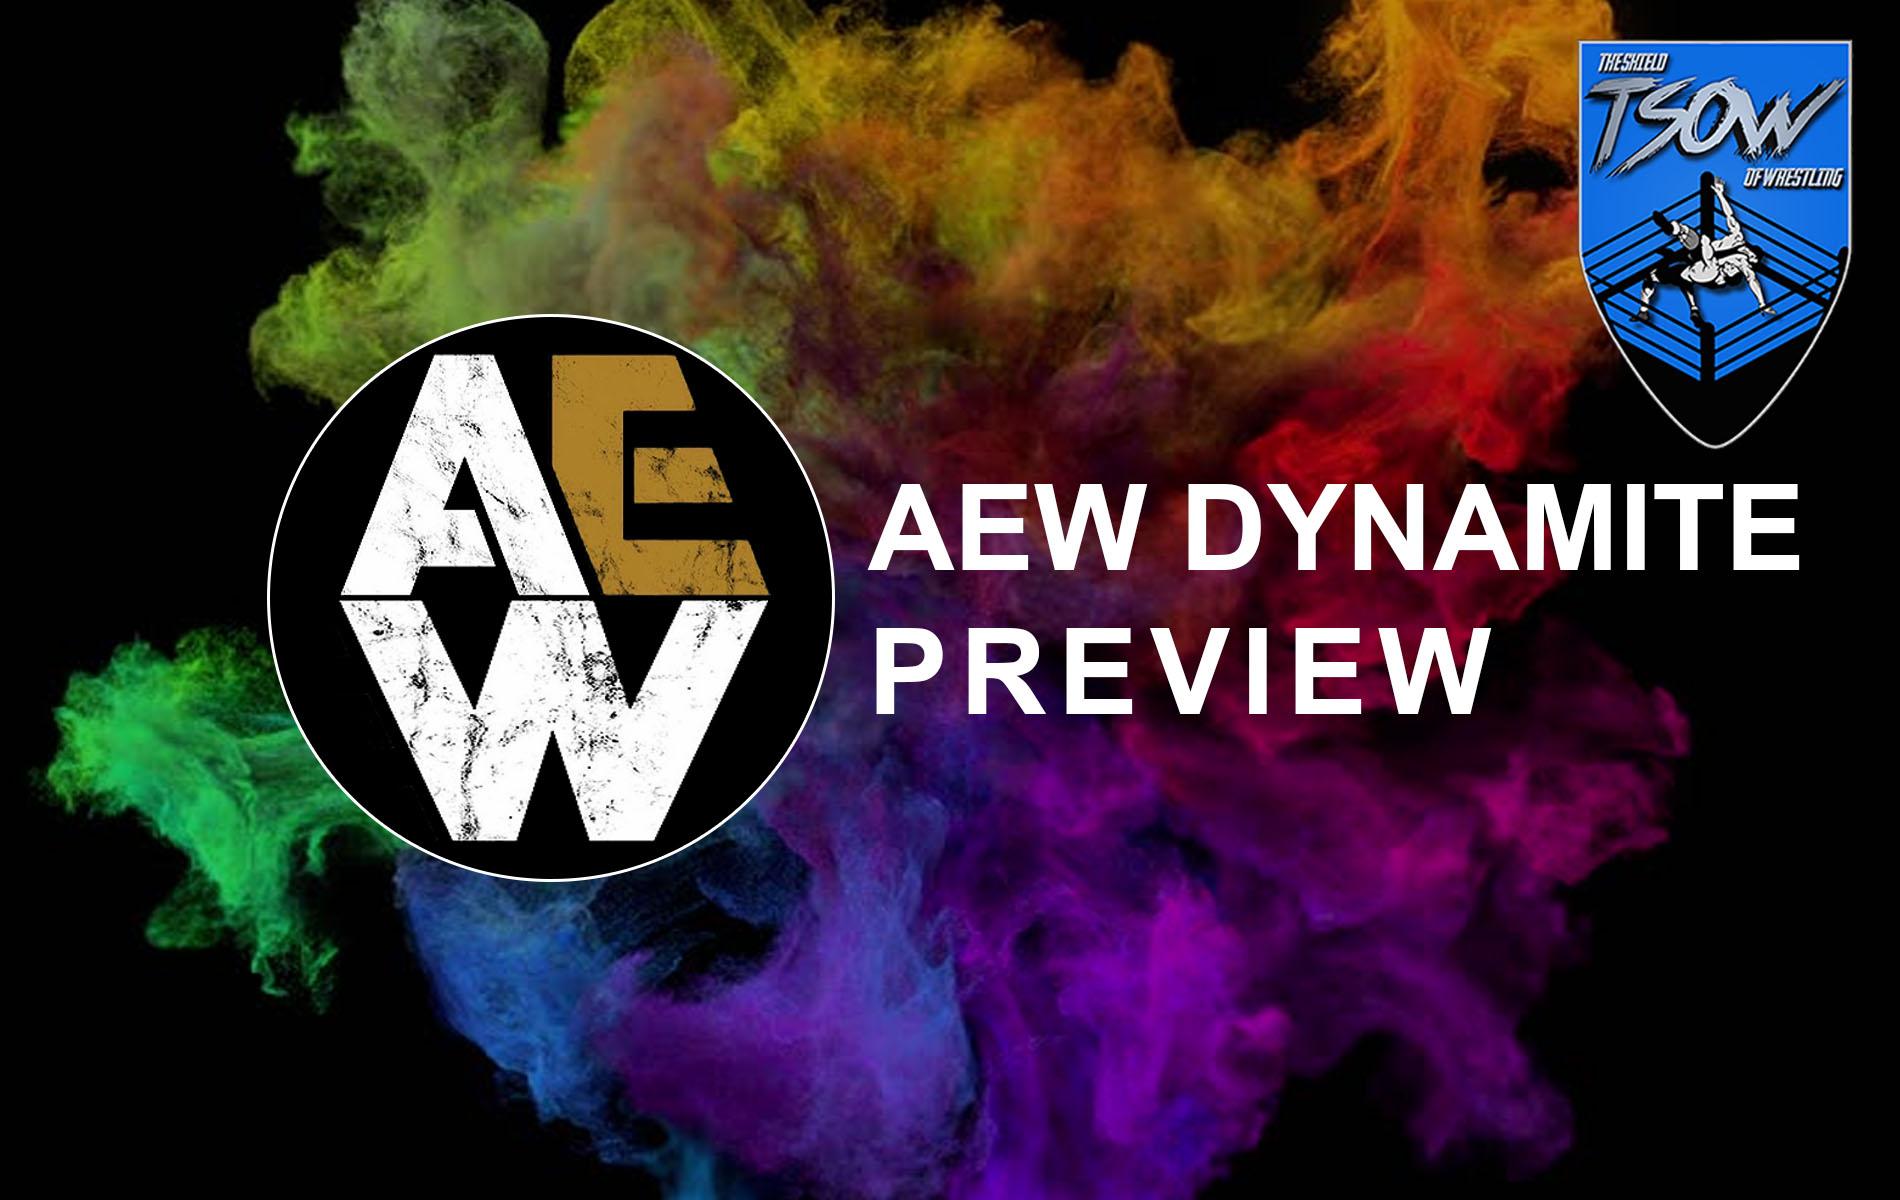 Anteprima AEW Dynamite 05-05-2021